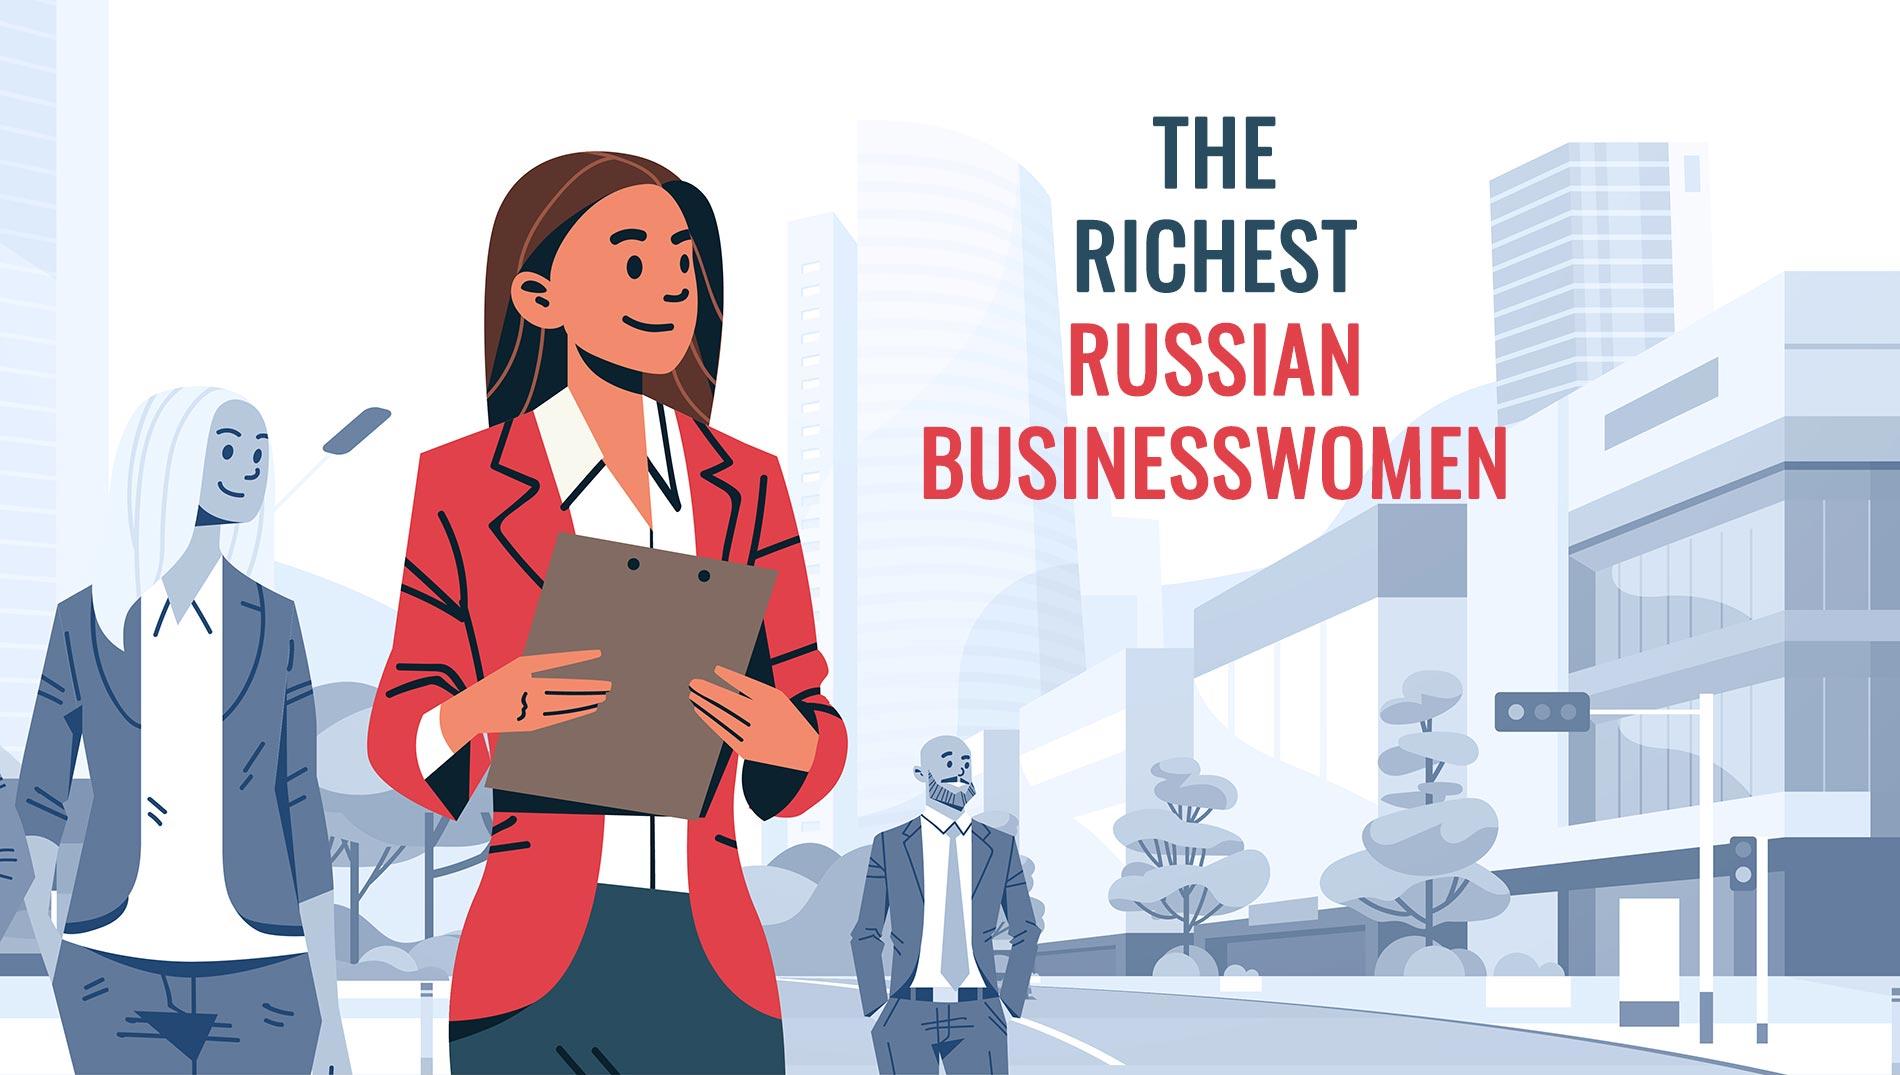 Top Richest Russian Businesswomen